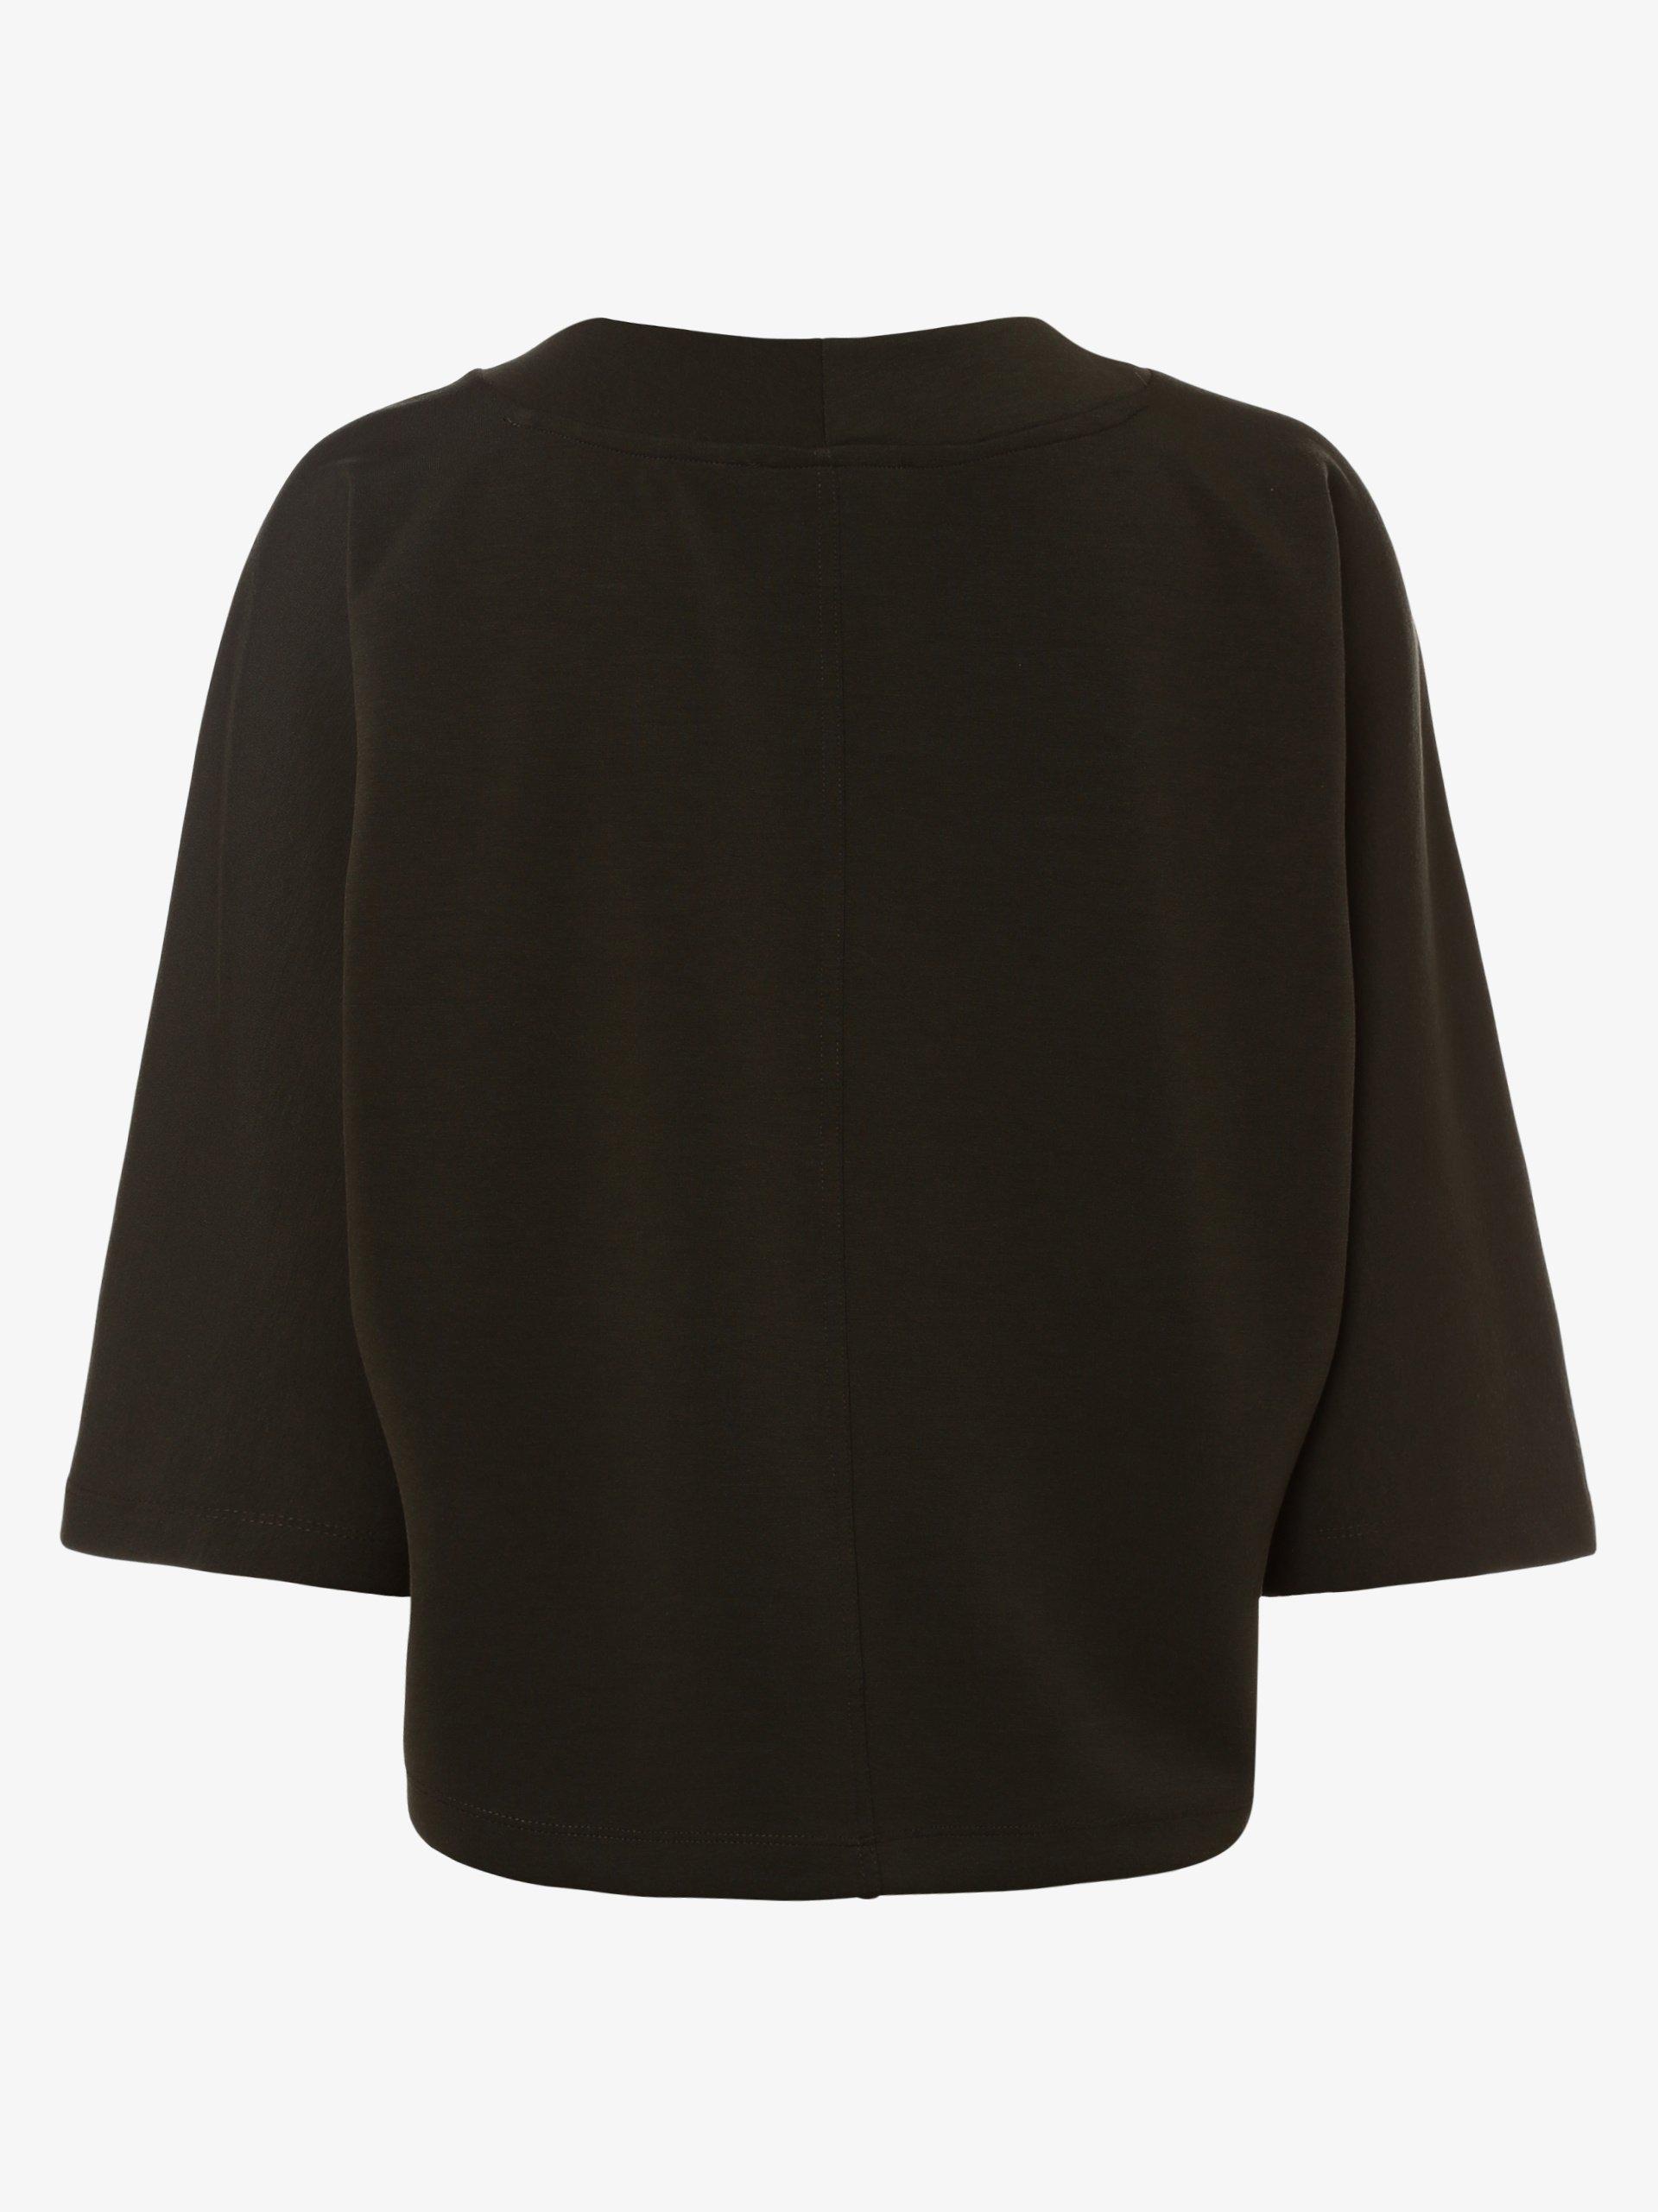 Someday Damen Sweatshirt - Umay